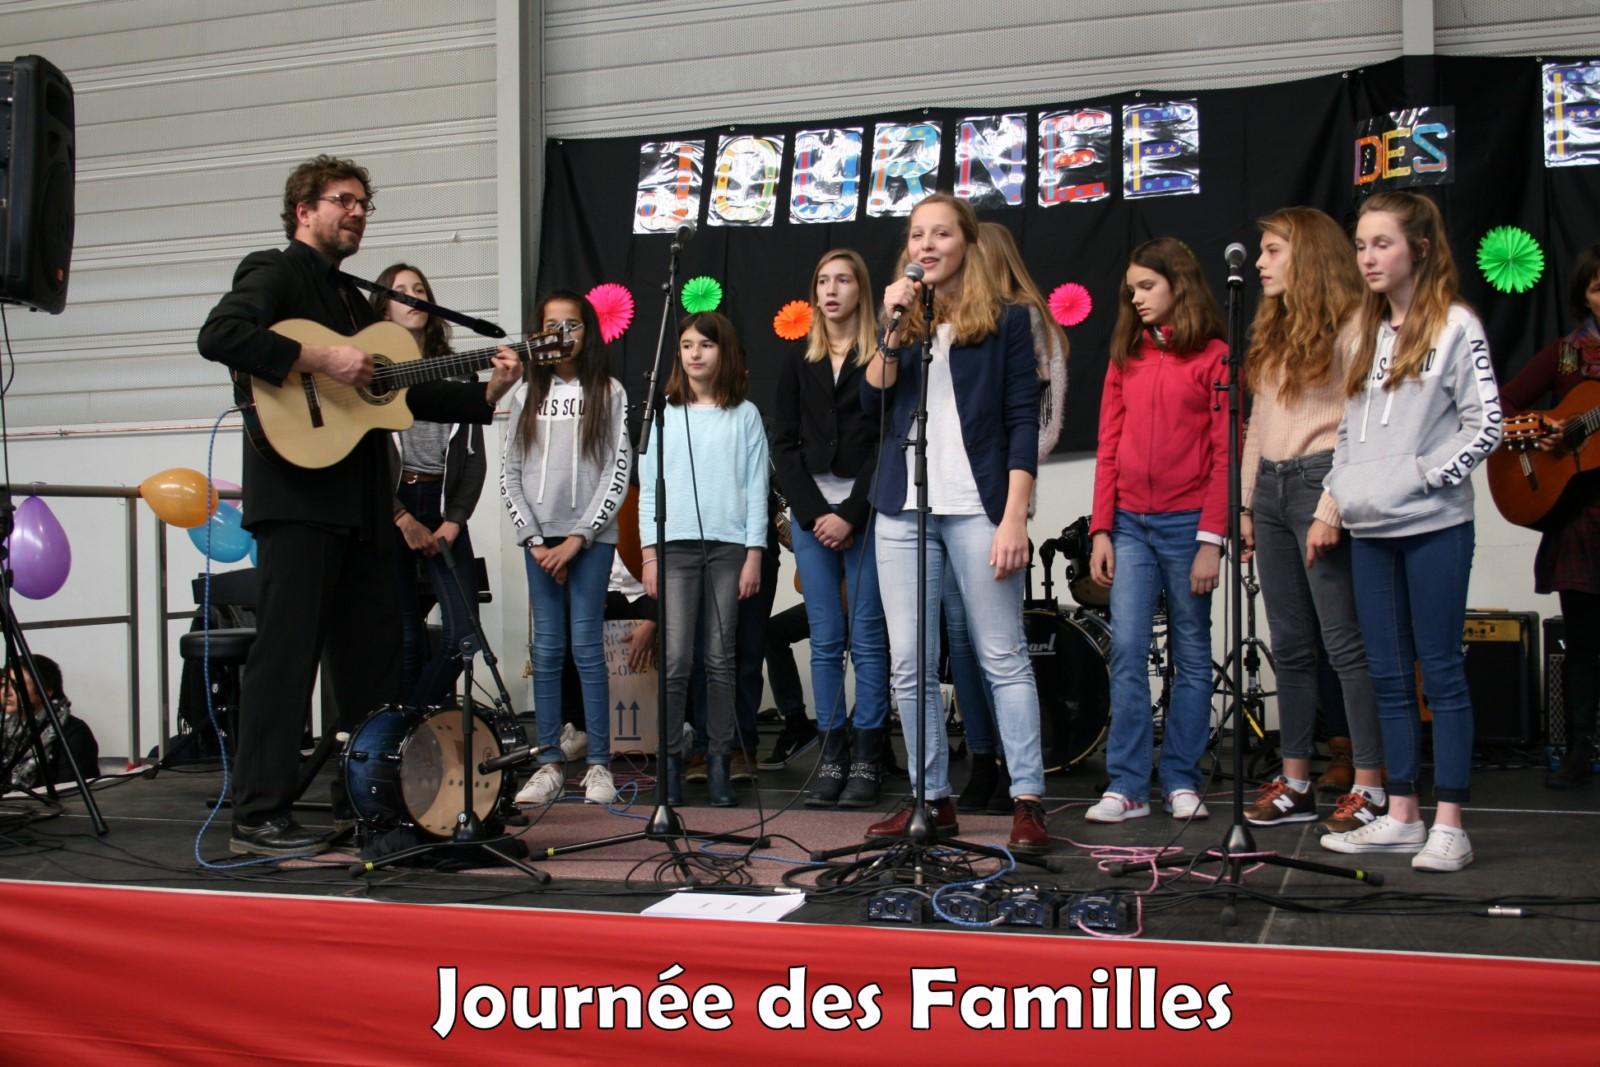 172Journée des Familles (3)